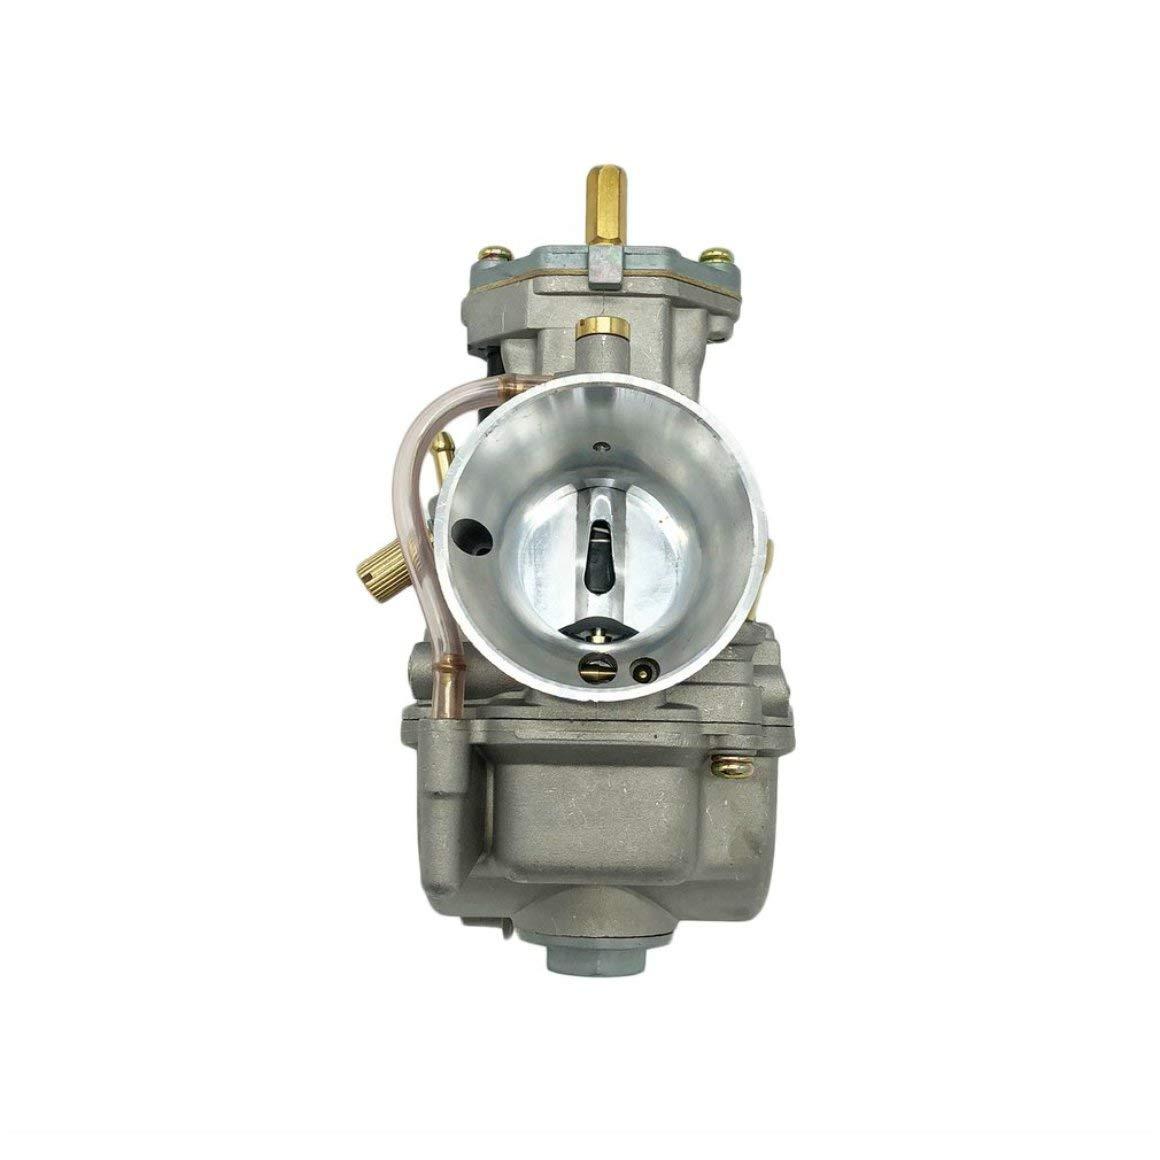 Carburateur de haute qualité de Funnyrunstore pour le moteur de moto de PWK Grand remplacement pour le vieil accessoire automatique de carburateur (32MM)